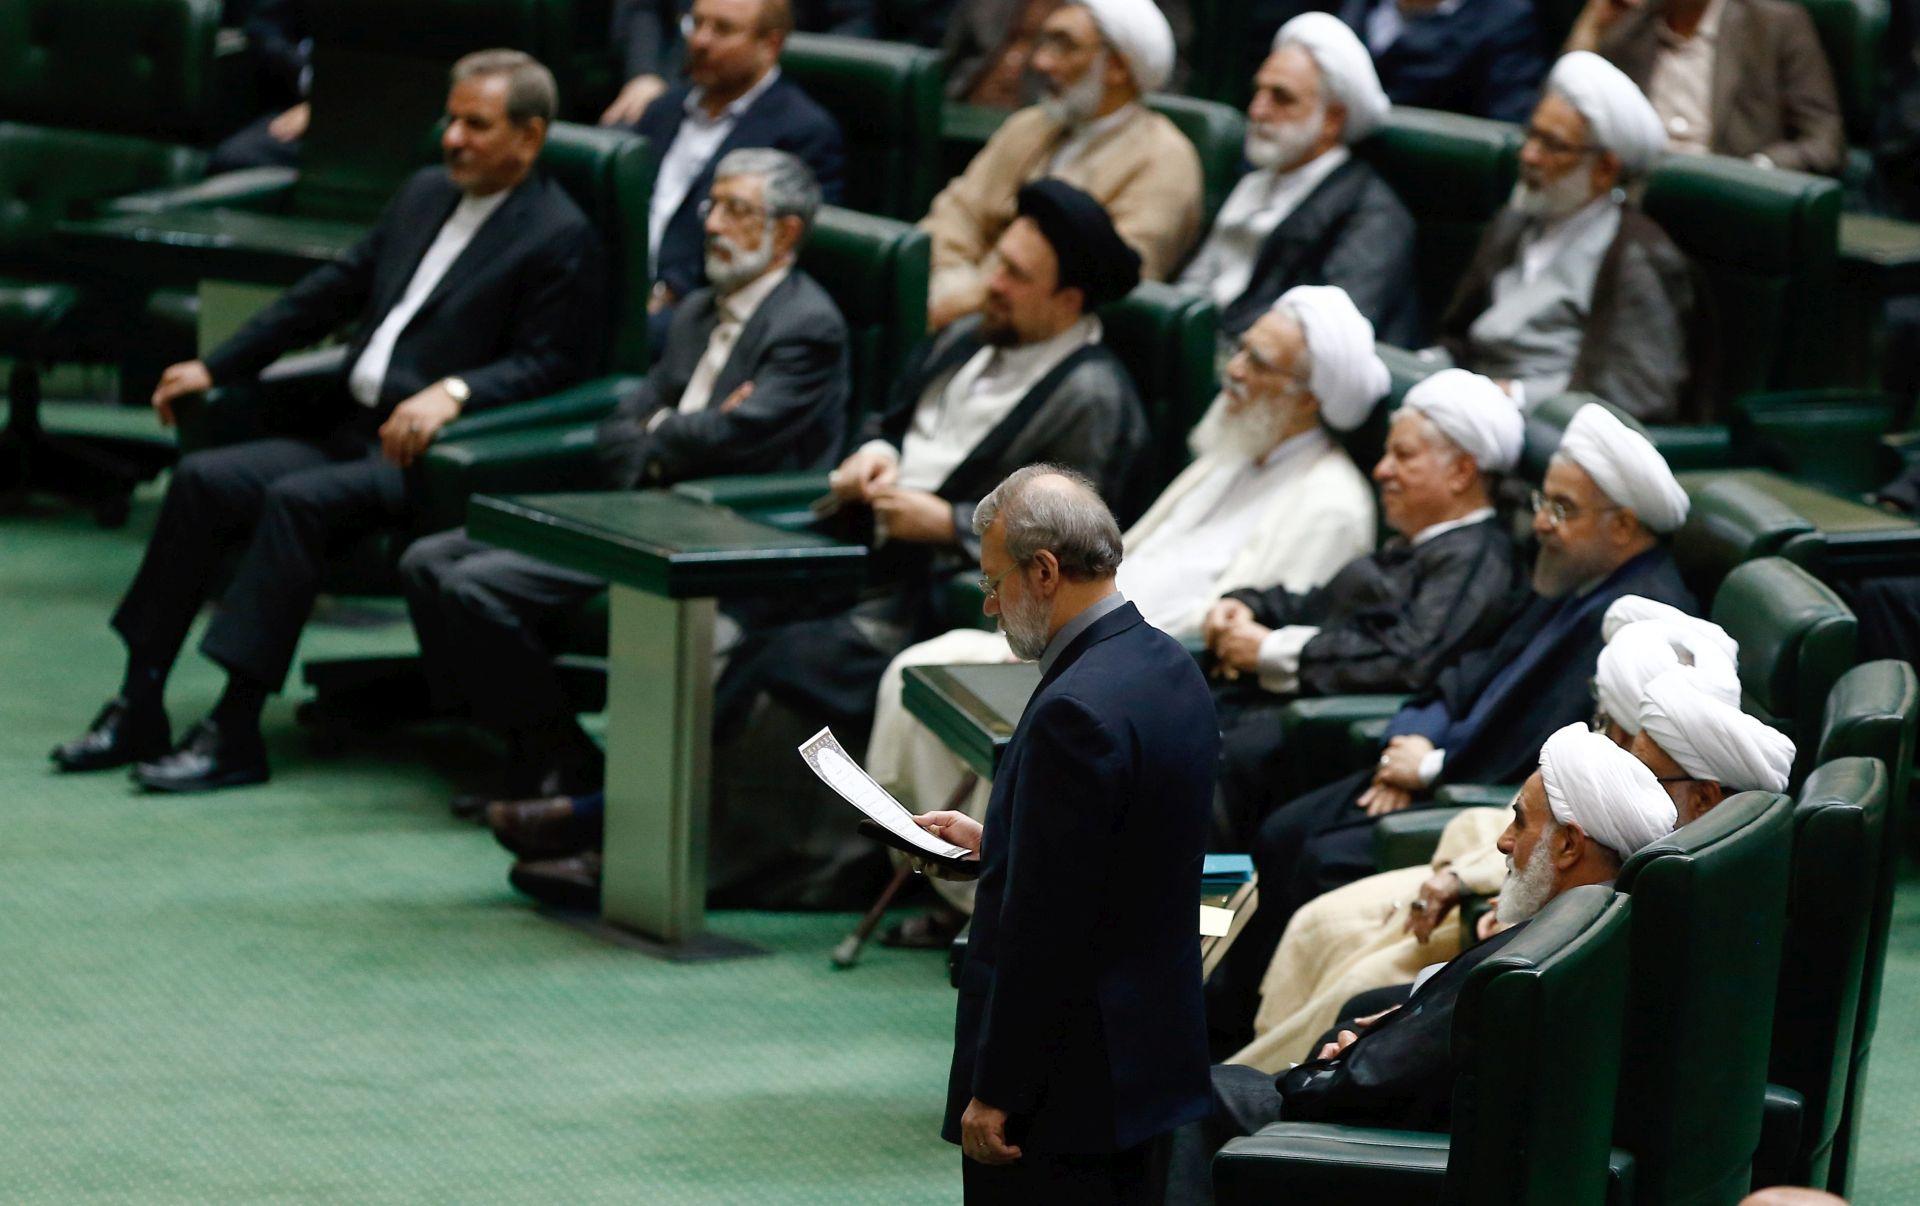 IRANSKI PARLAMENT: Konzervativac Ali Larijani ponovno izabran za predsjednika